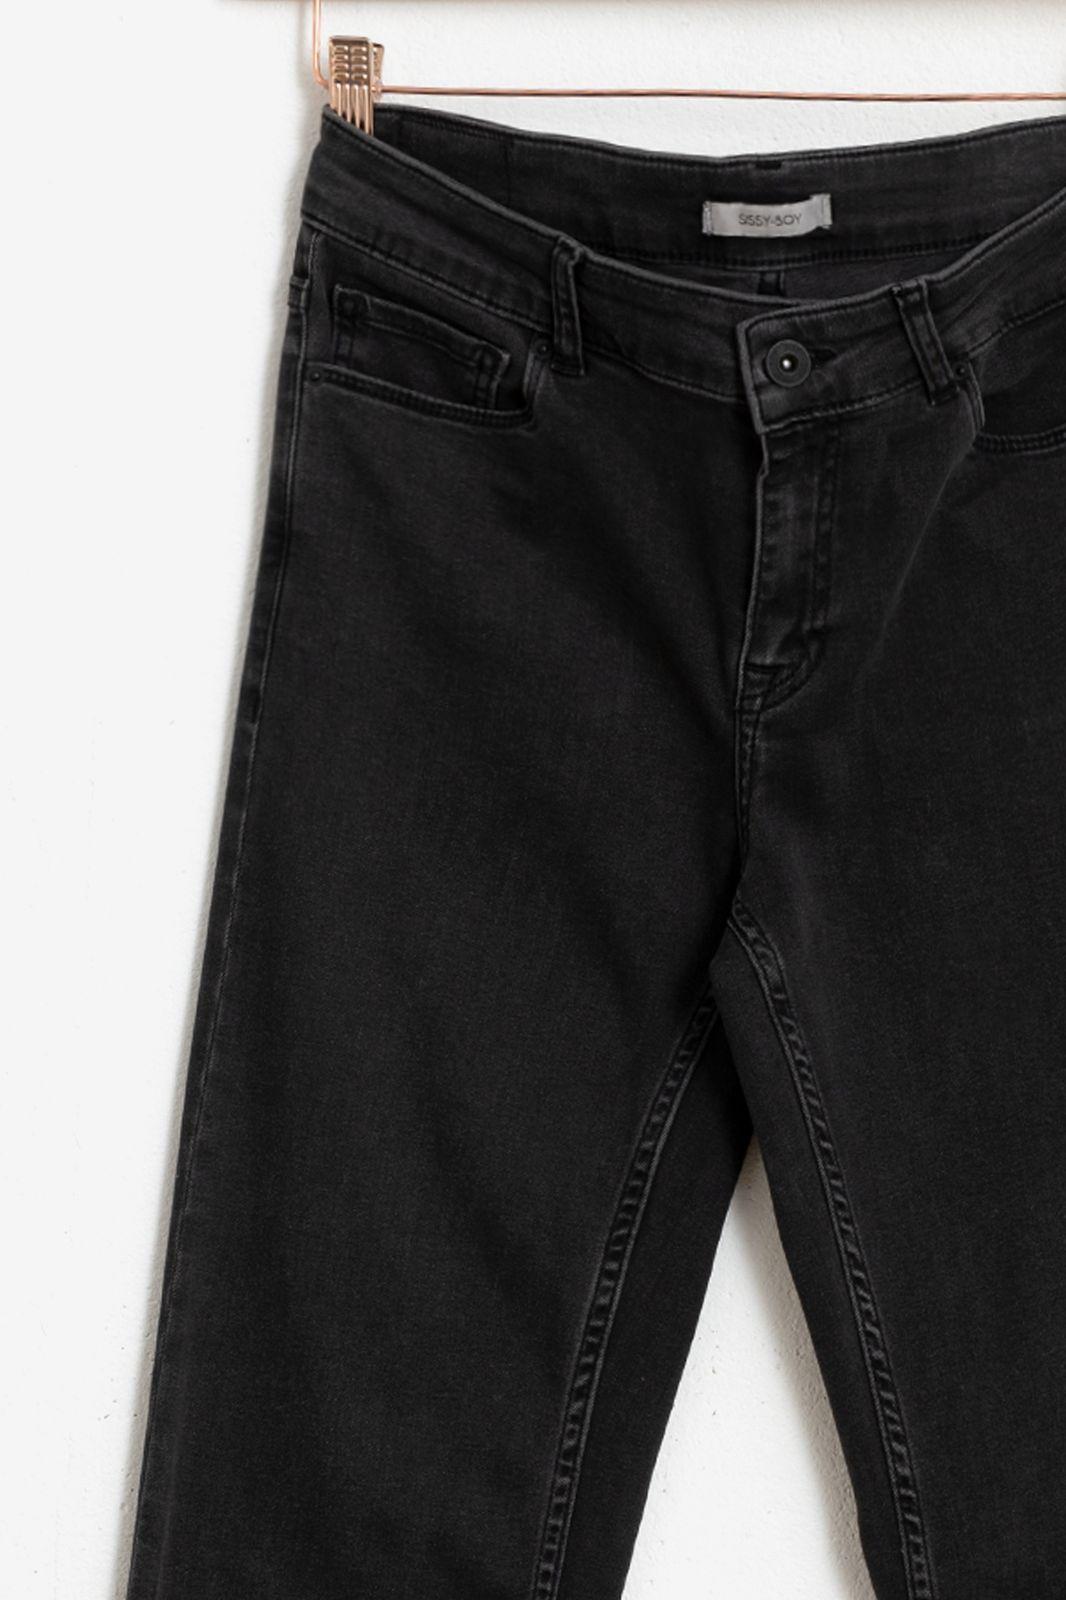 Zwarte flared jeans 5-pocket